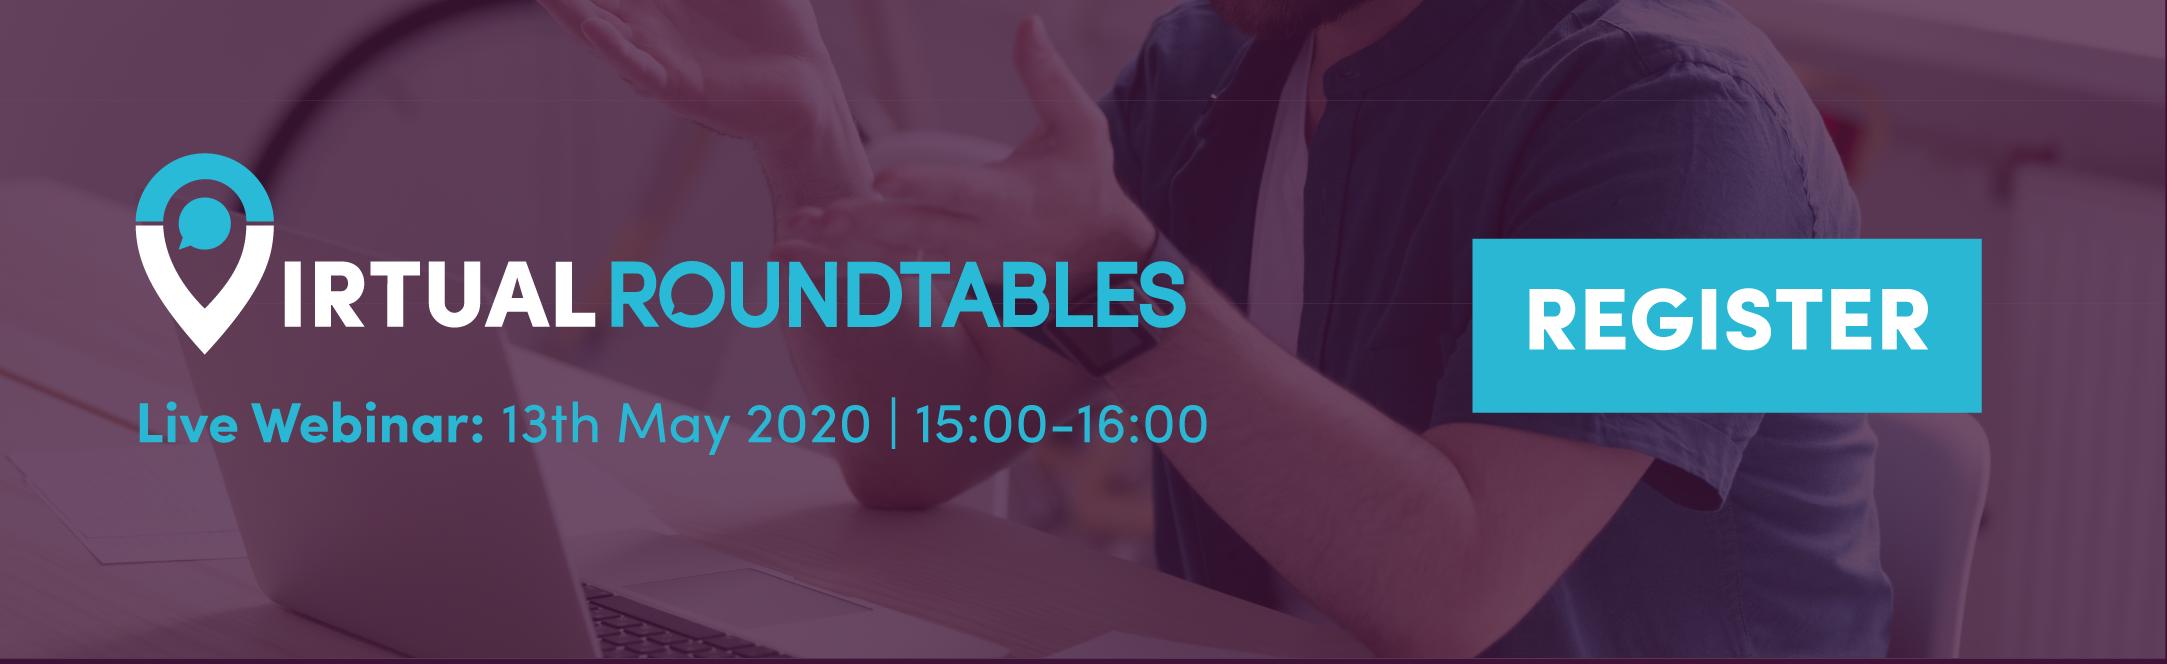 register virtual roundtables live webinar